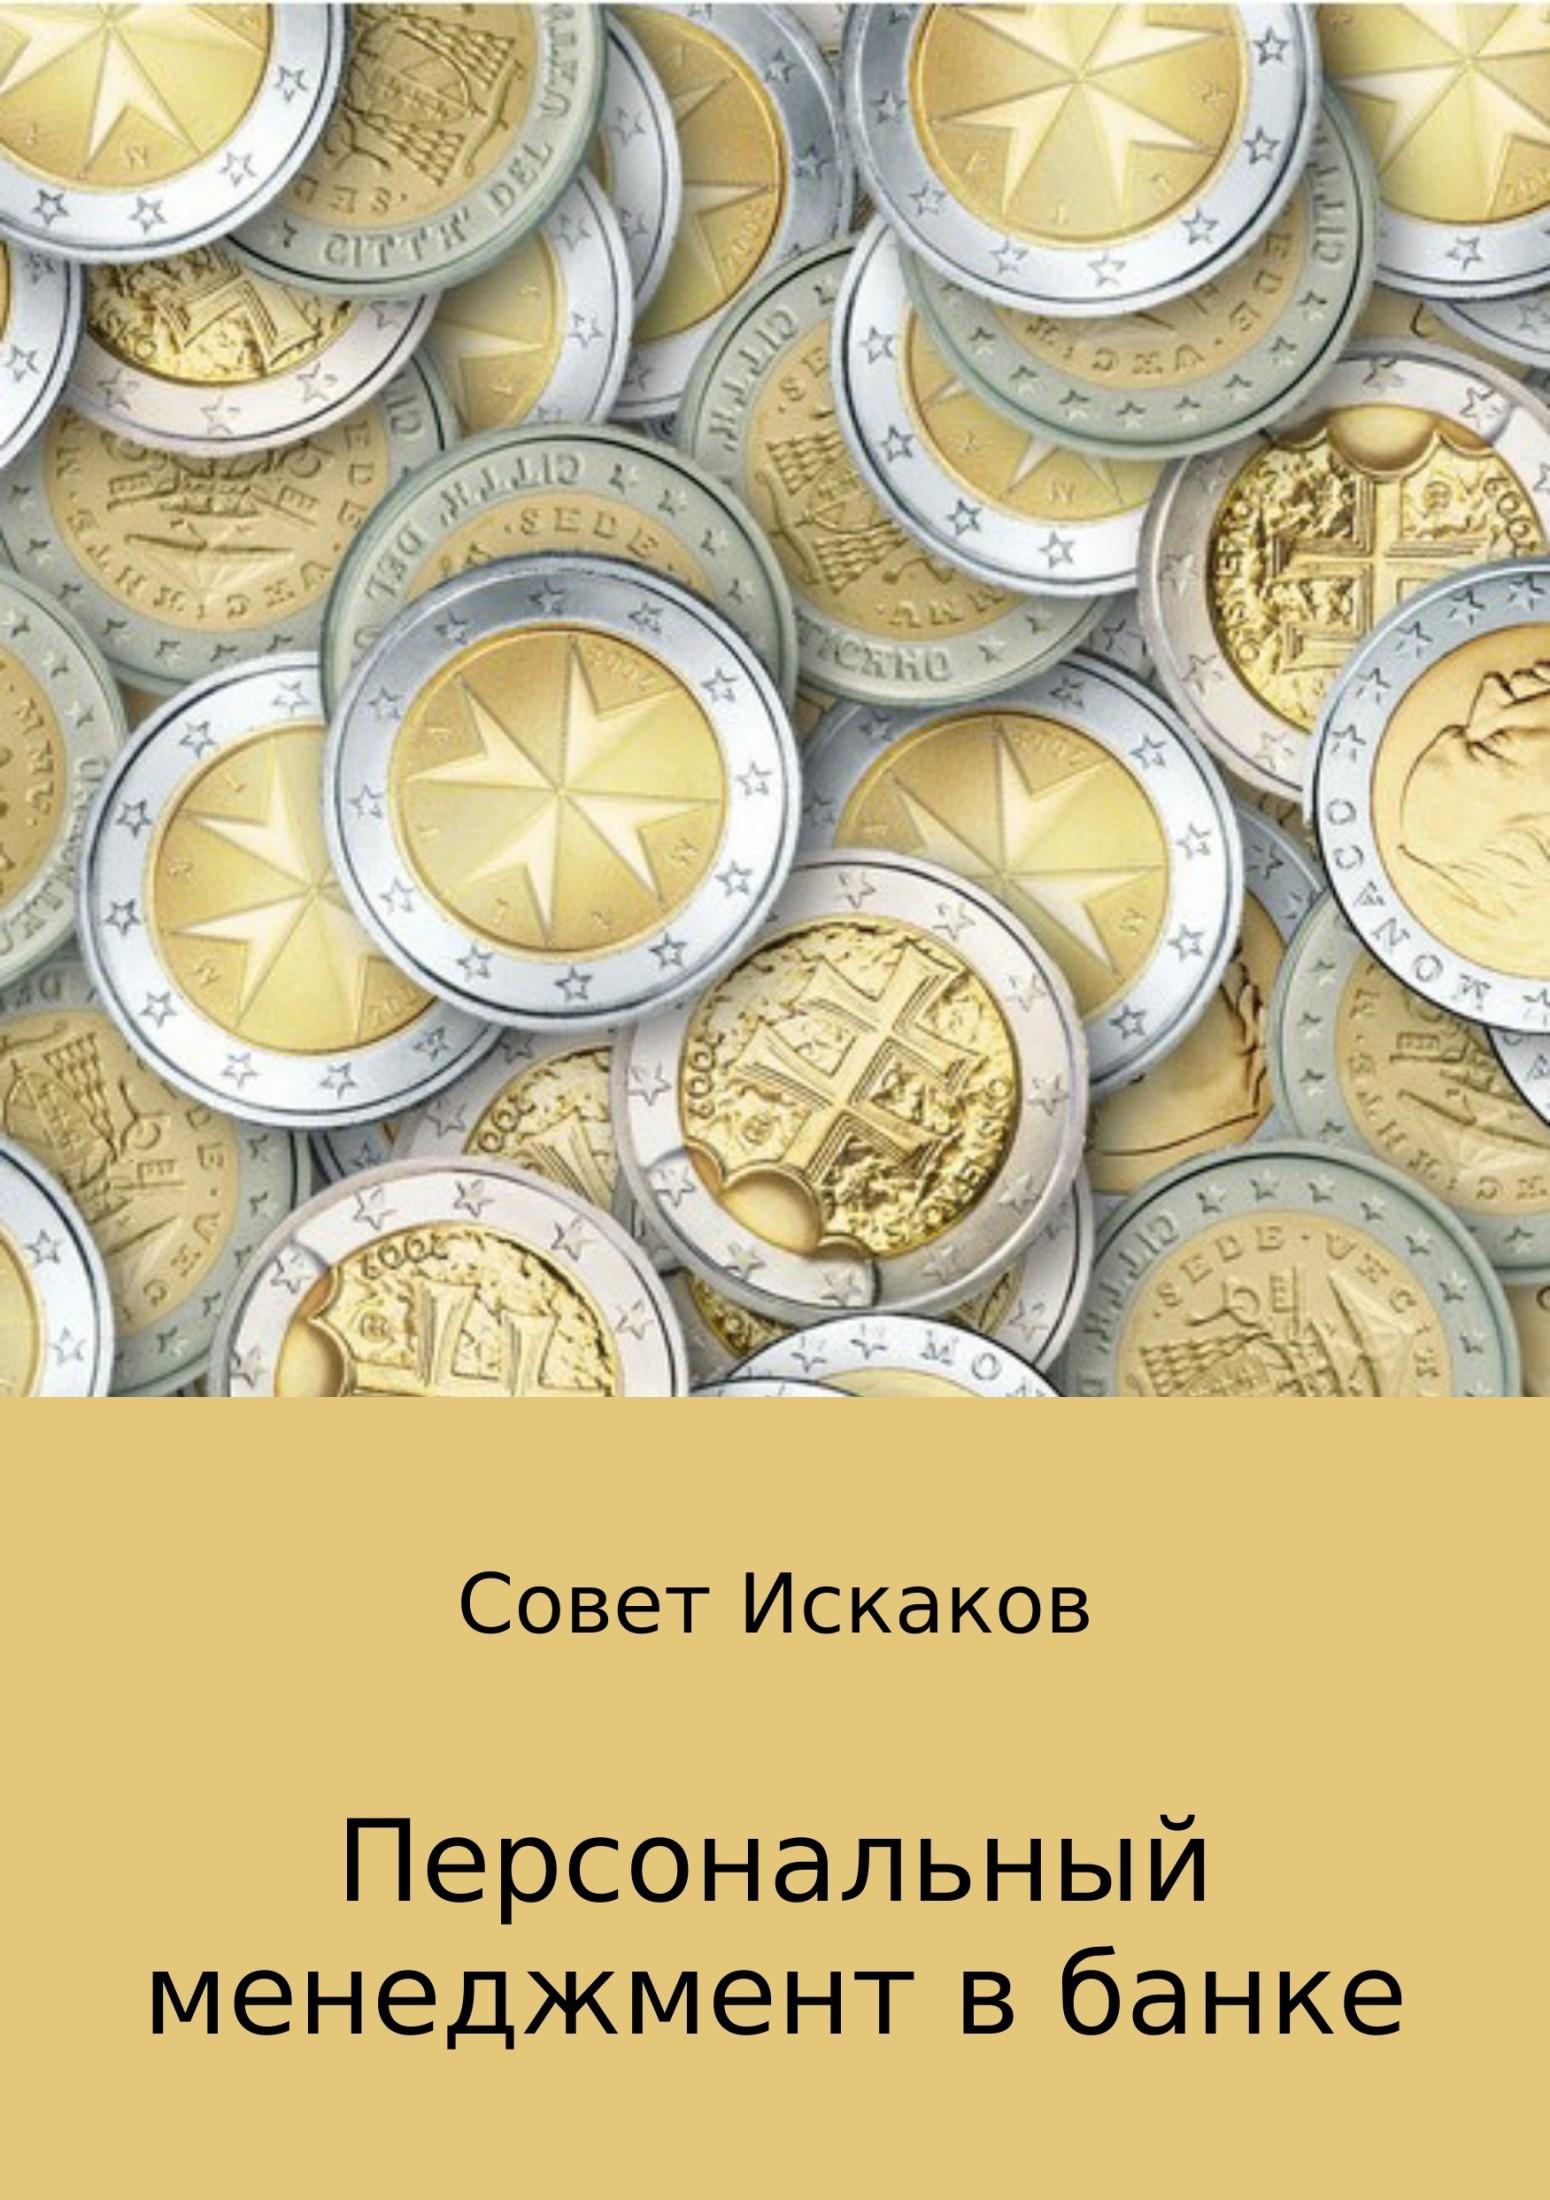 Обложка книги. Автор - Совет Искаков